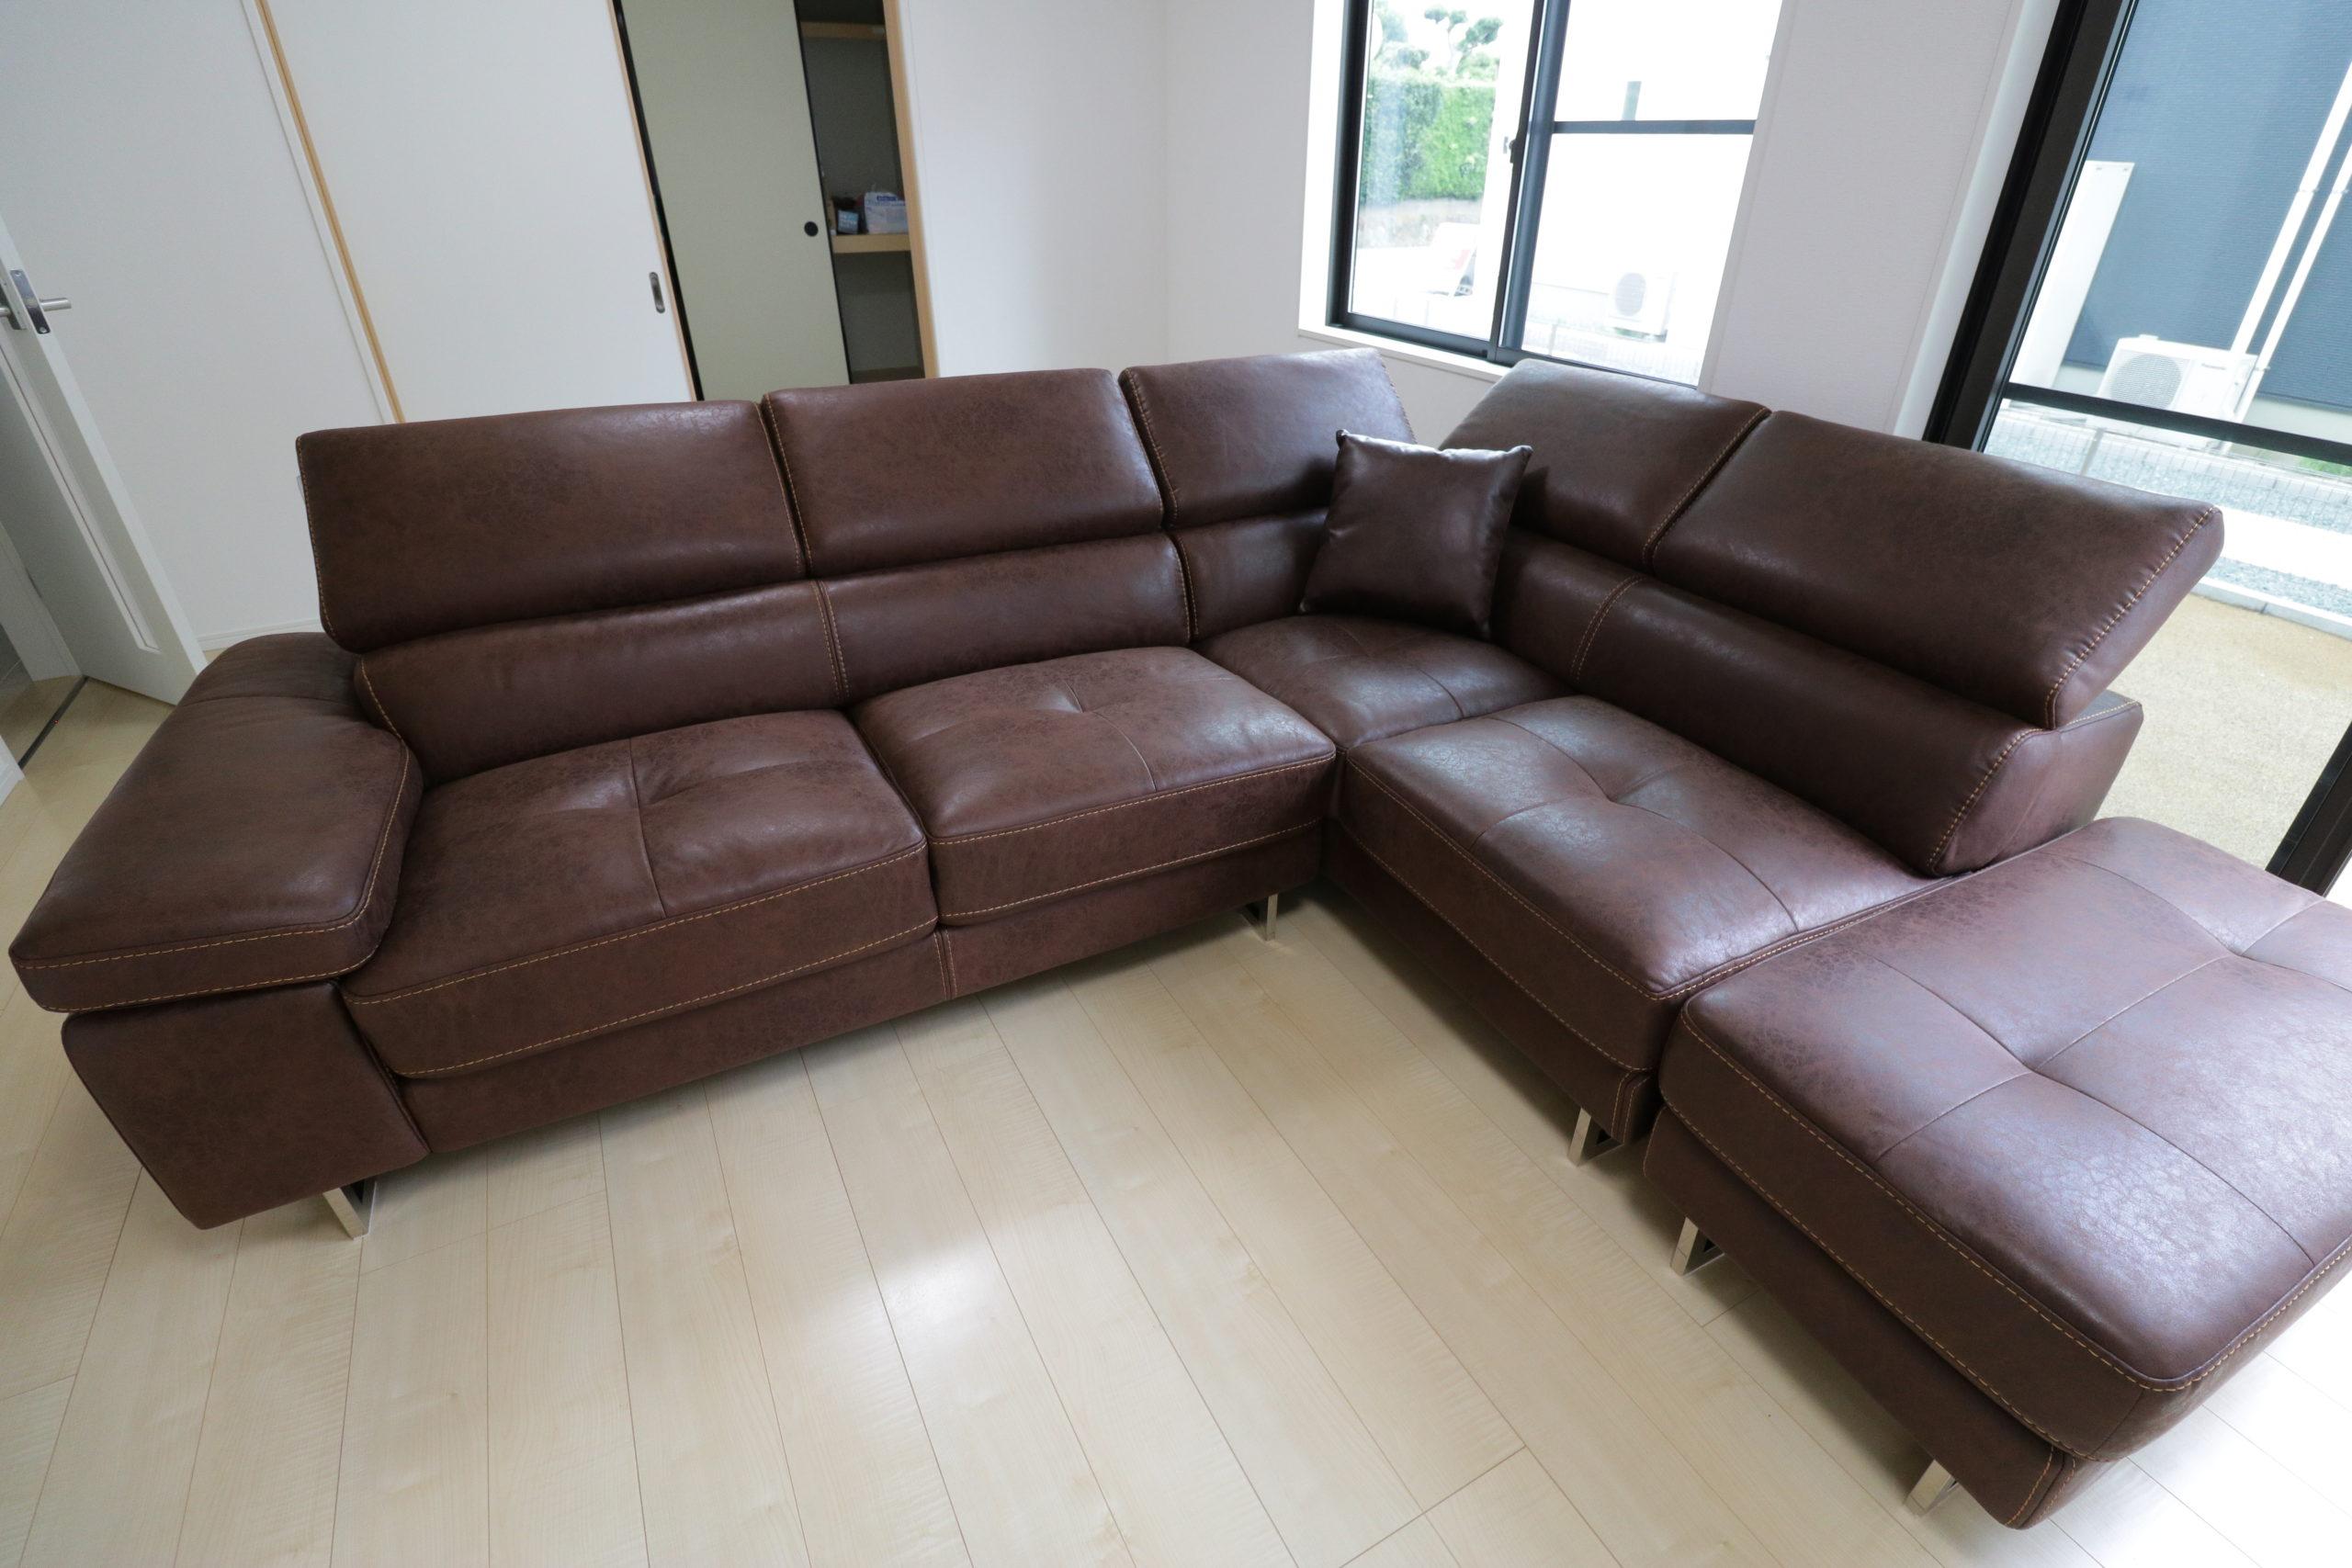 関家具のレザーテックスのコーナーソファ、ロブストのカカオ色。写真は正面からの写真です。